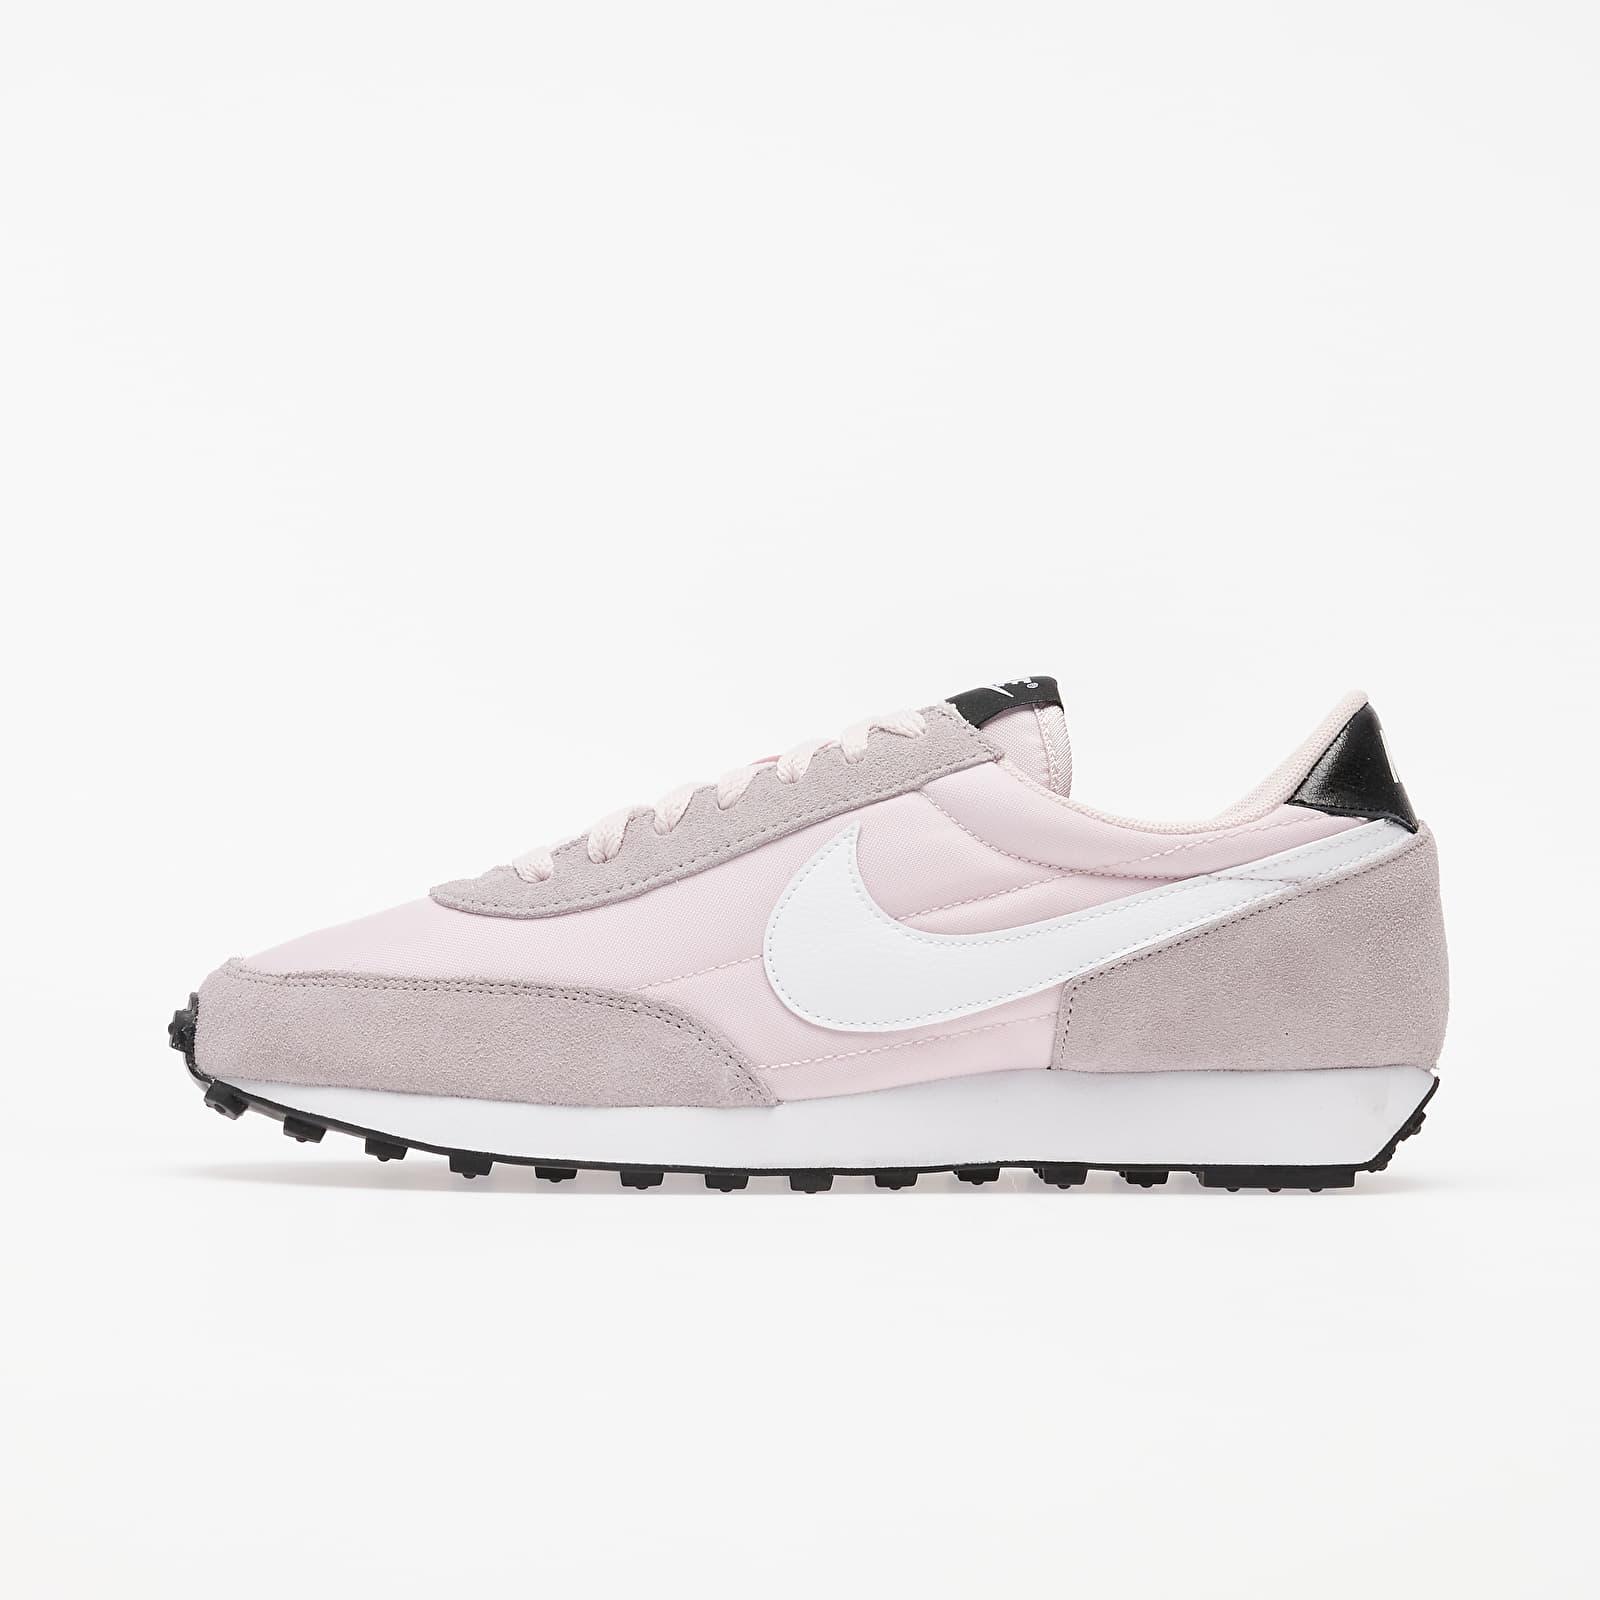 Women's shoes Nike W Dbreak Barely Rose/ White-Silver Lilac-Black